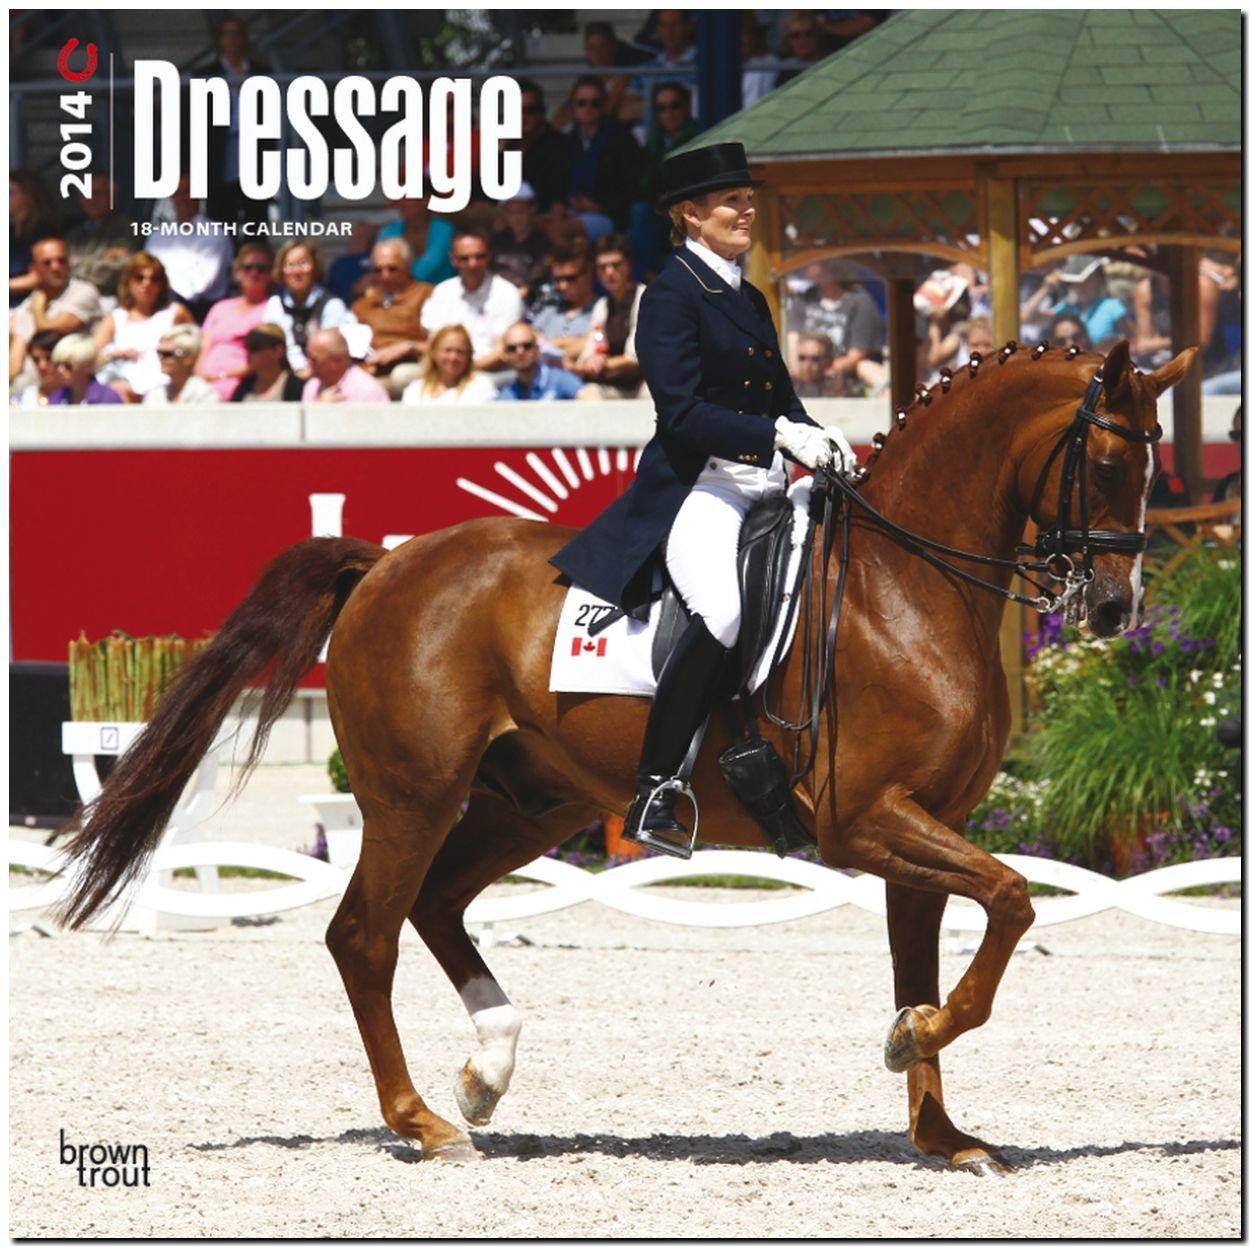 Dressage 2014 - Dressurreiten: Original BrownTrout-Kalender [Mehrsprachig] [Kalender]